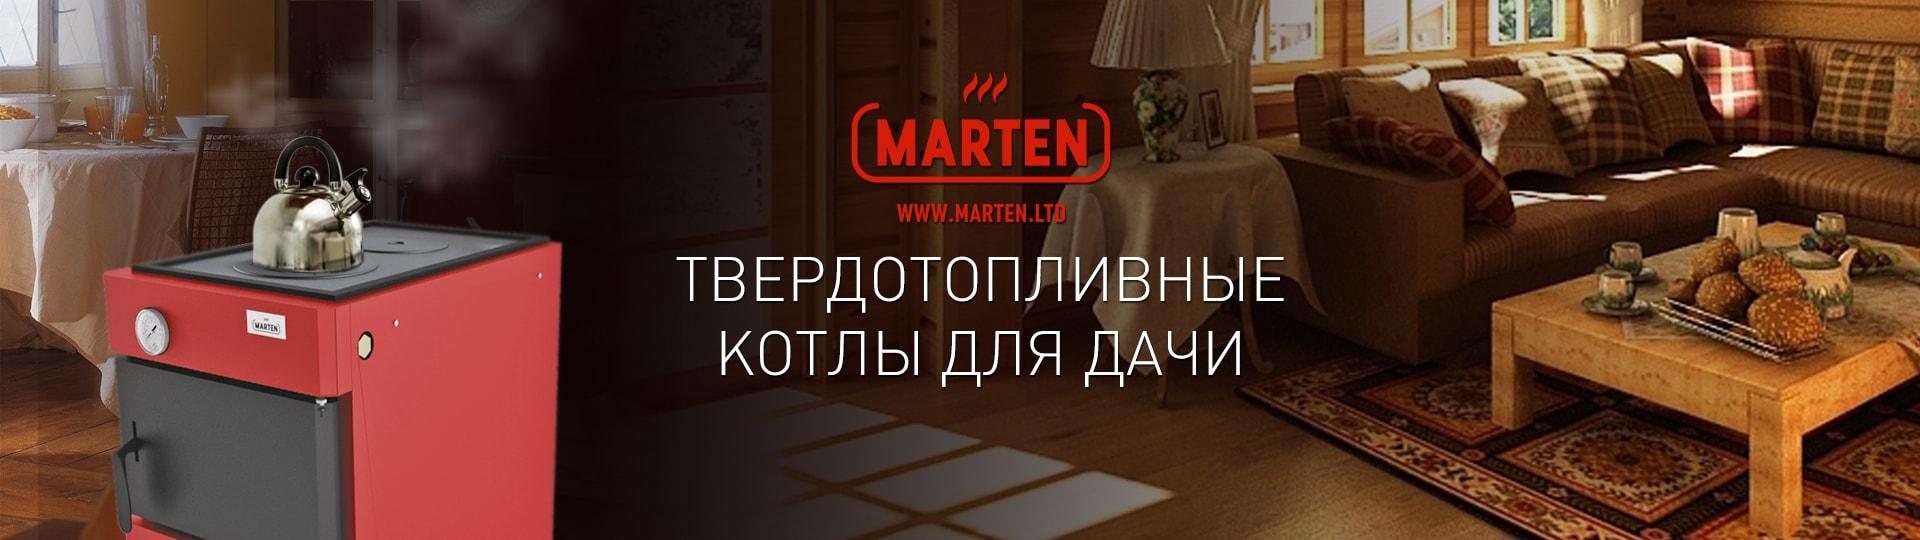 Твердотопливные котлы Marten для дачи